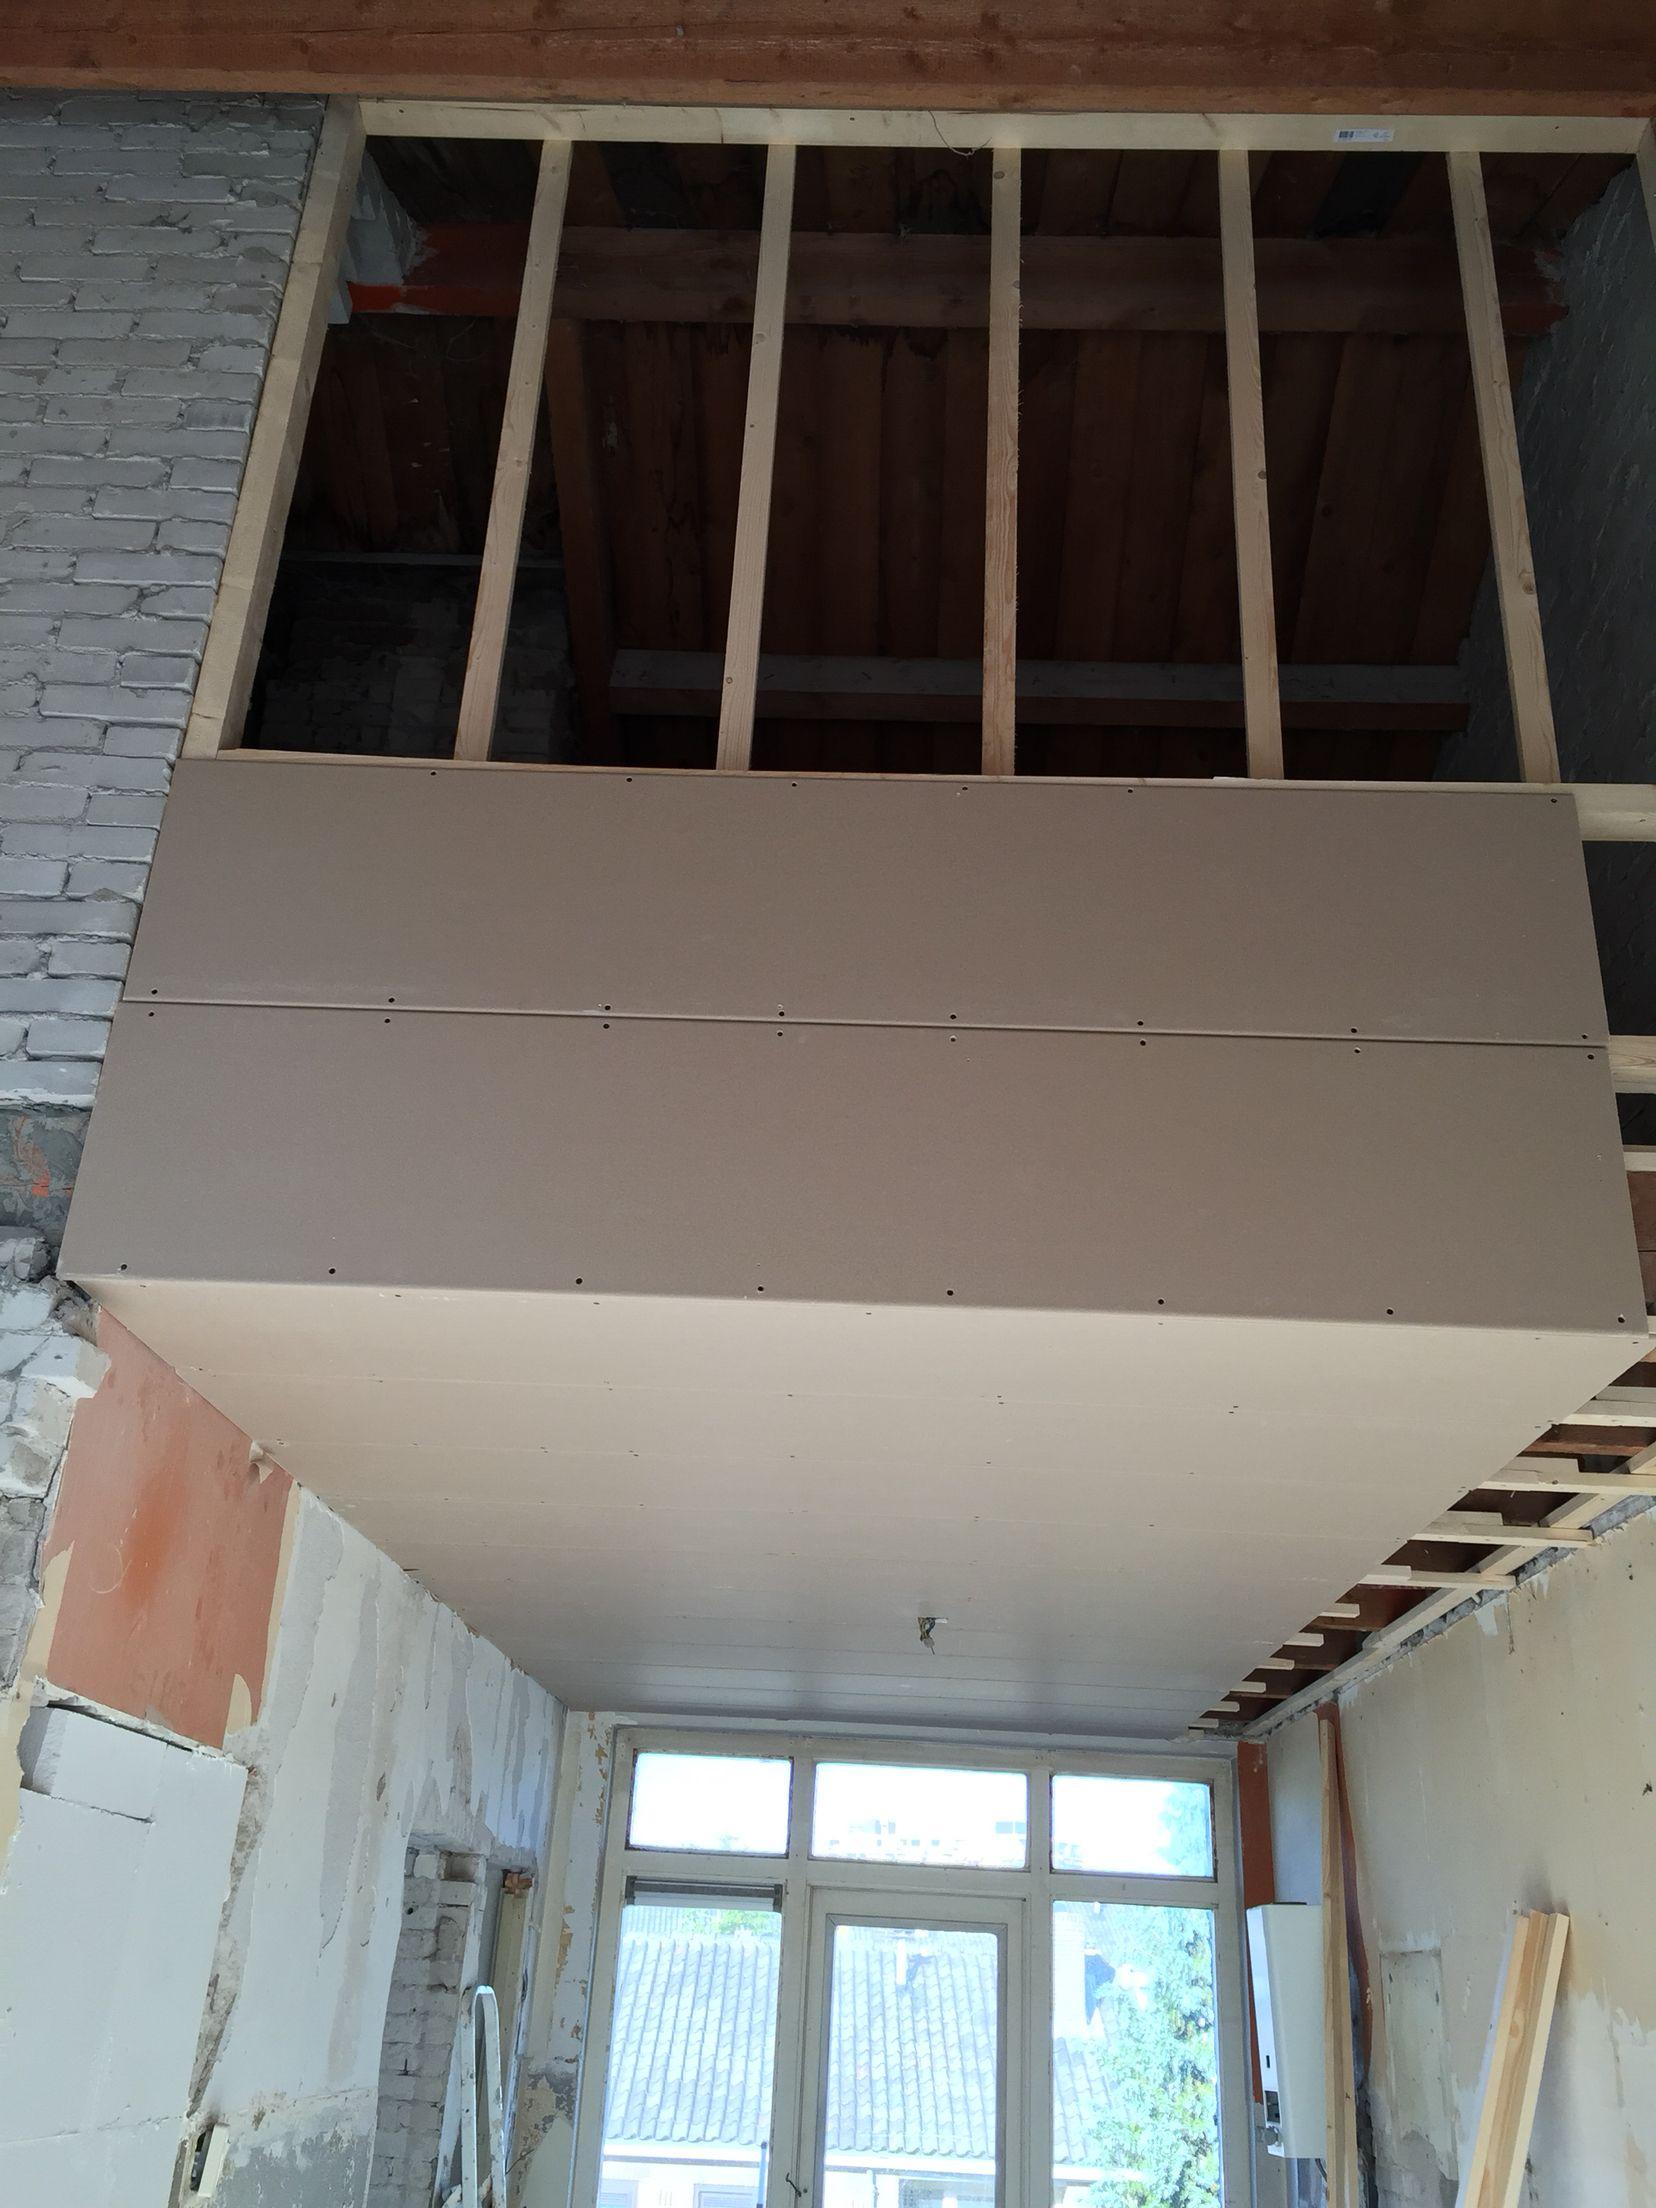 Woonverdieping. Keuken: het plafond zit er bijna in. Nu de lichtpunten bepalen en door met het leidingwerk voor de keuken.